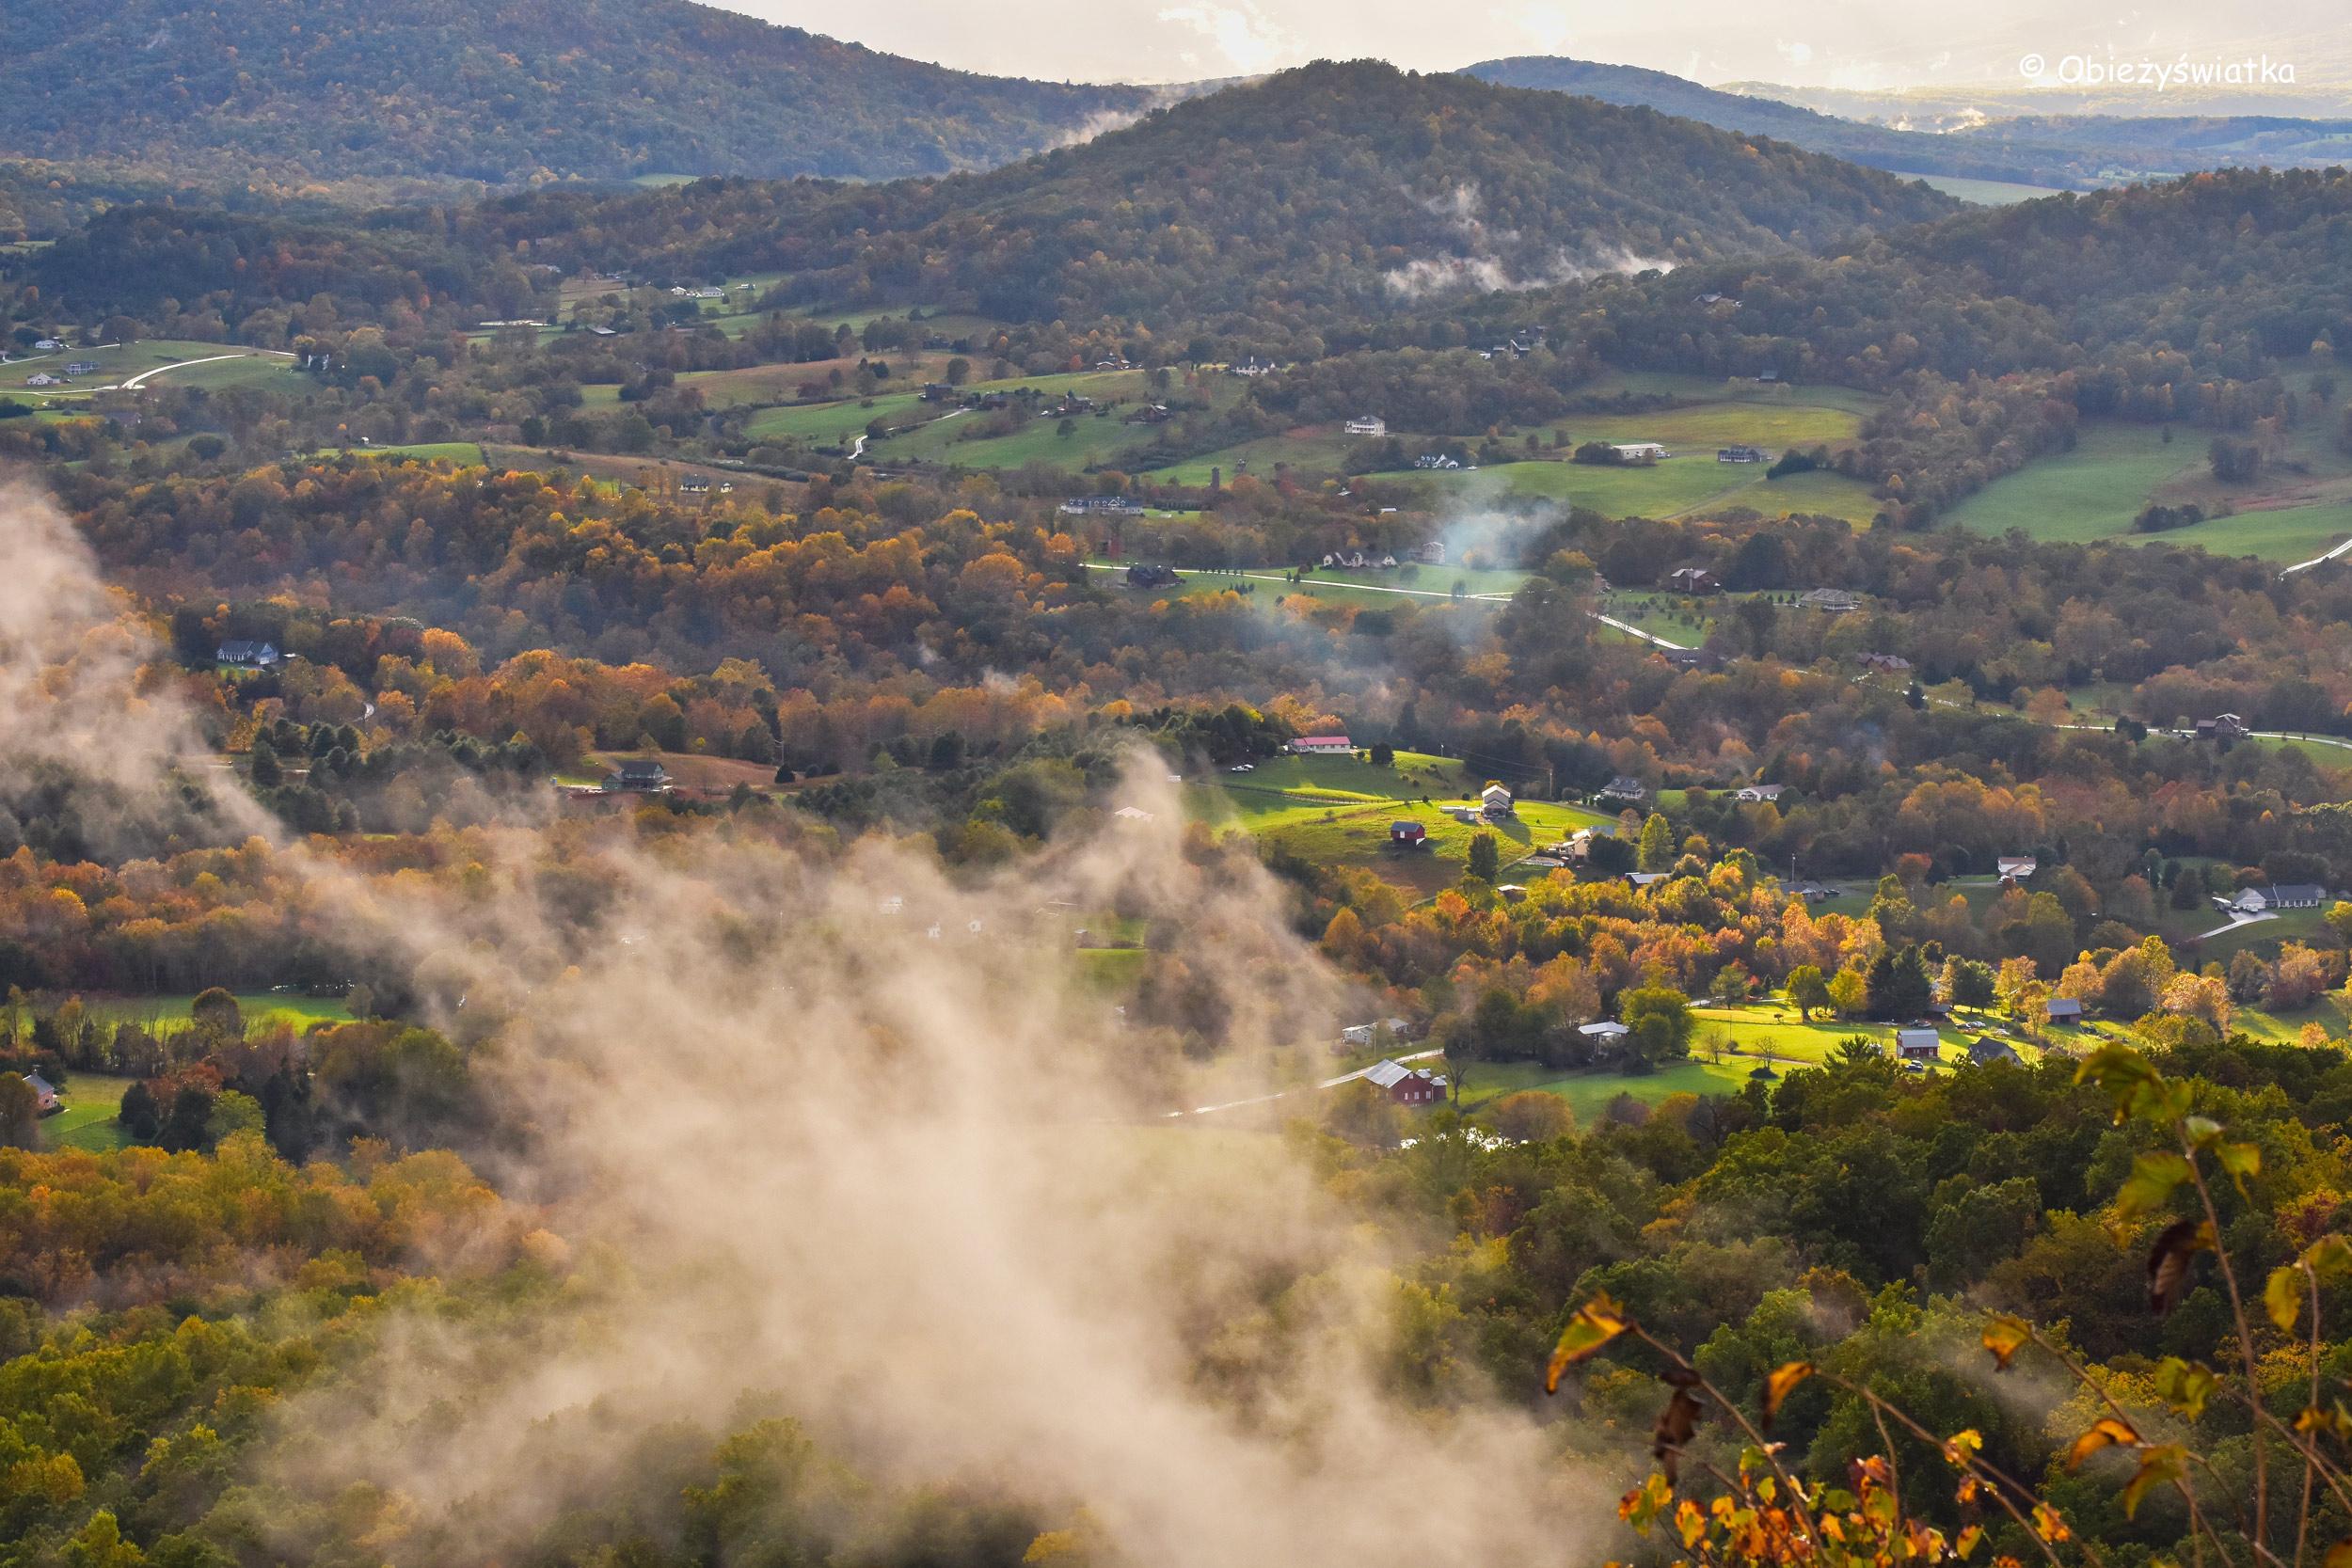 W mgle i w słońcu - Park Narodowy Shenandoah, USA